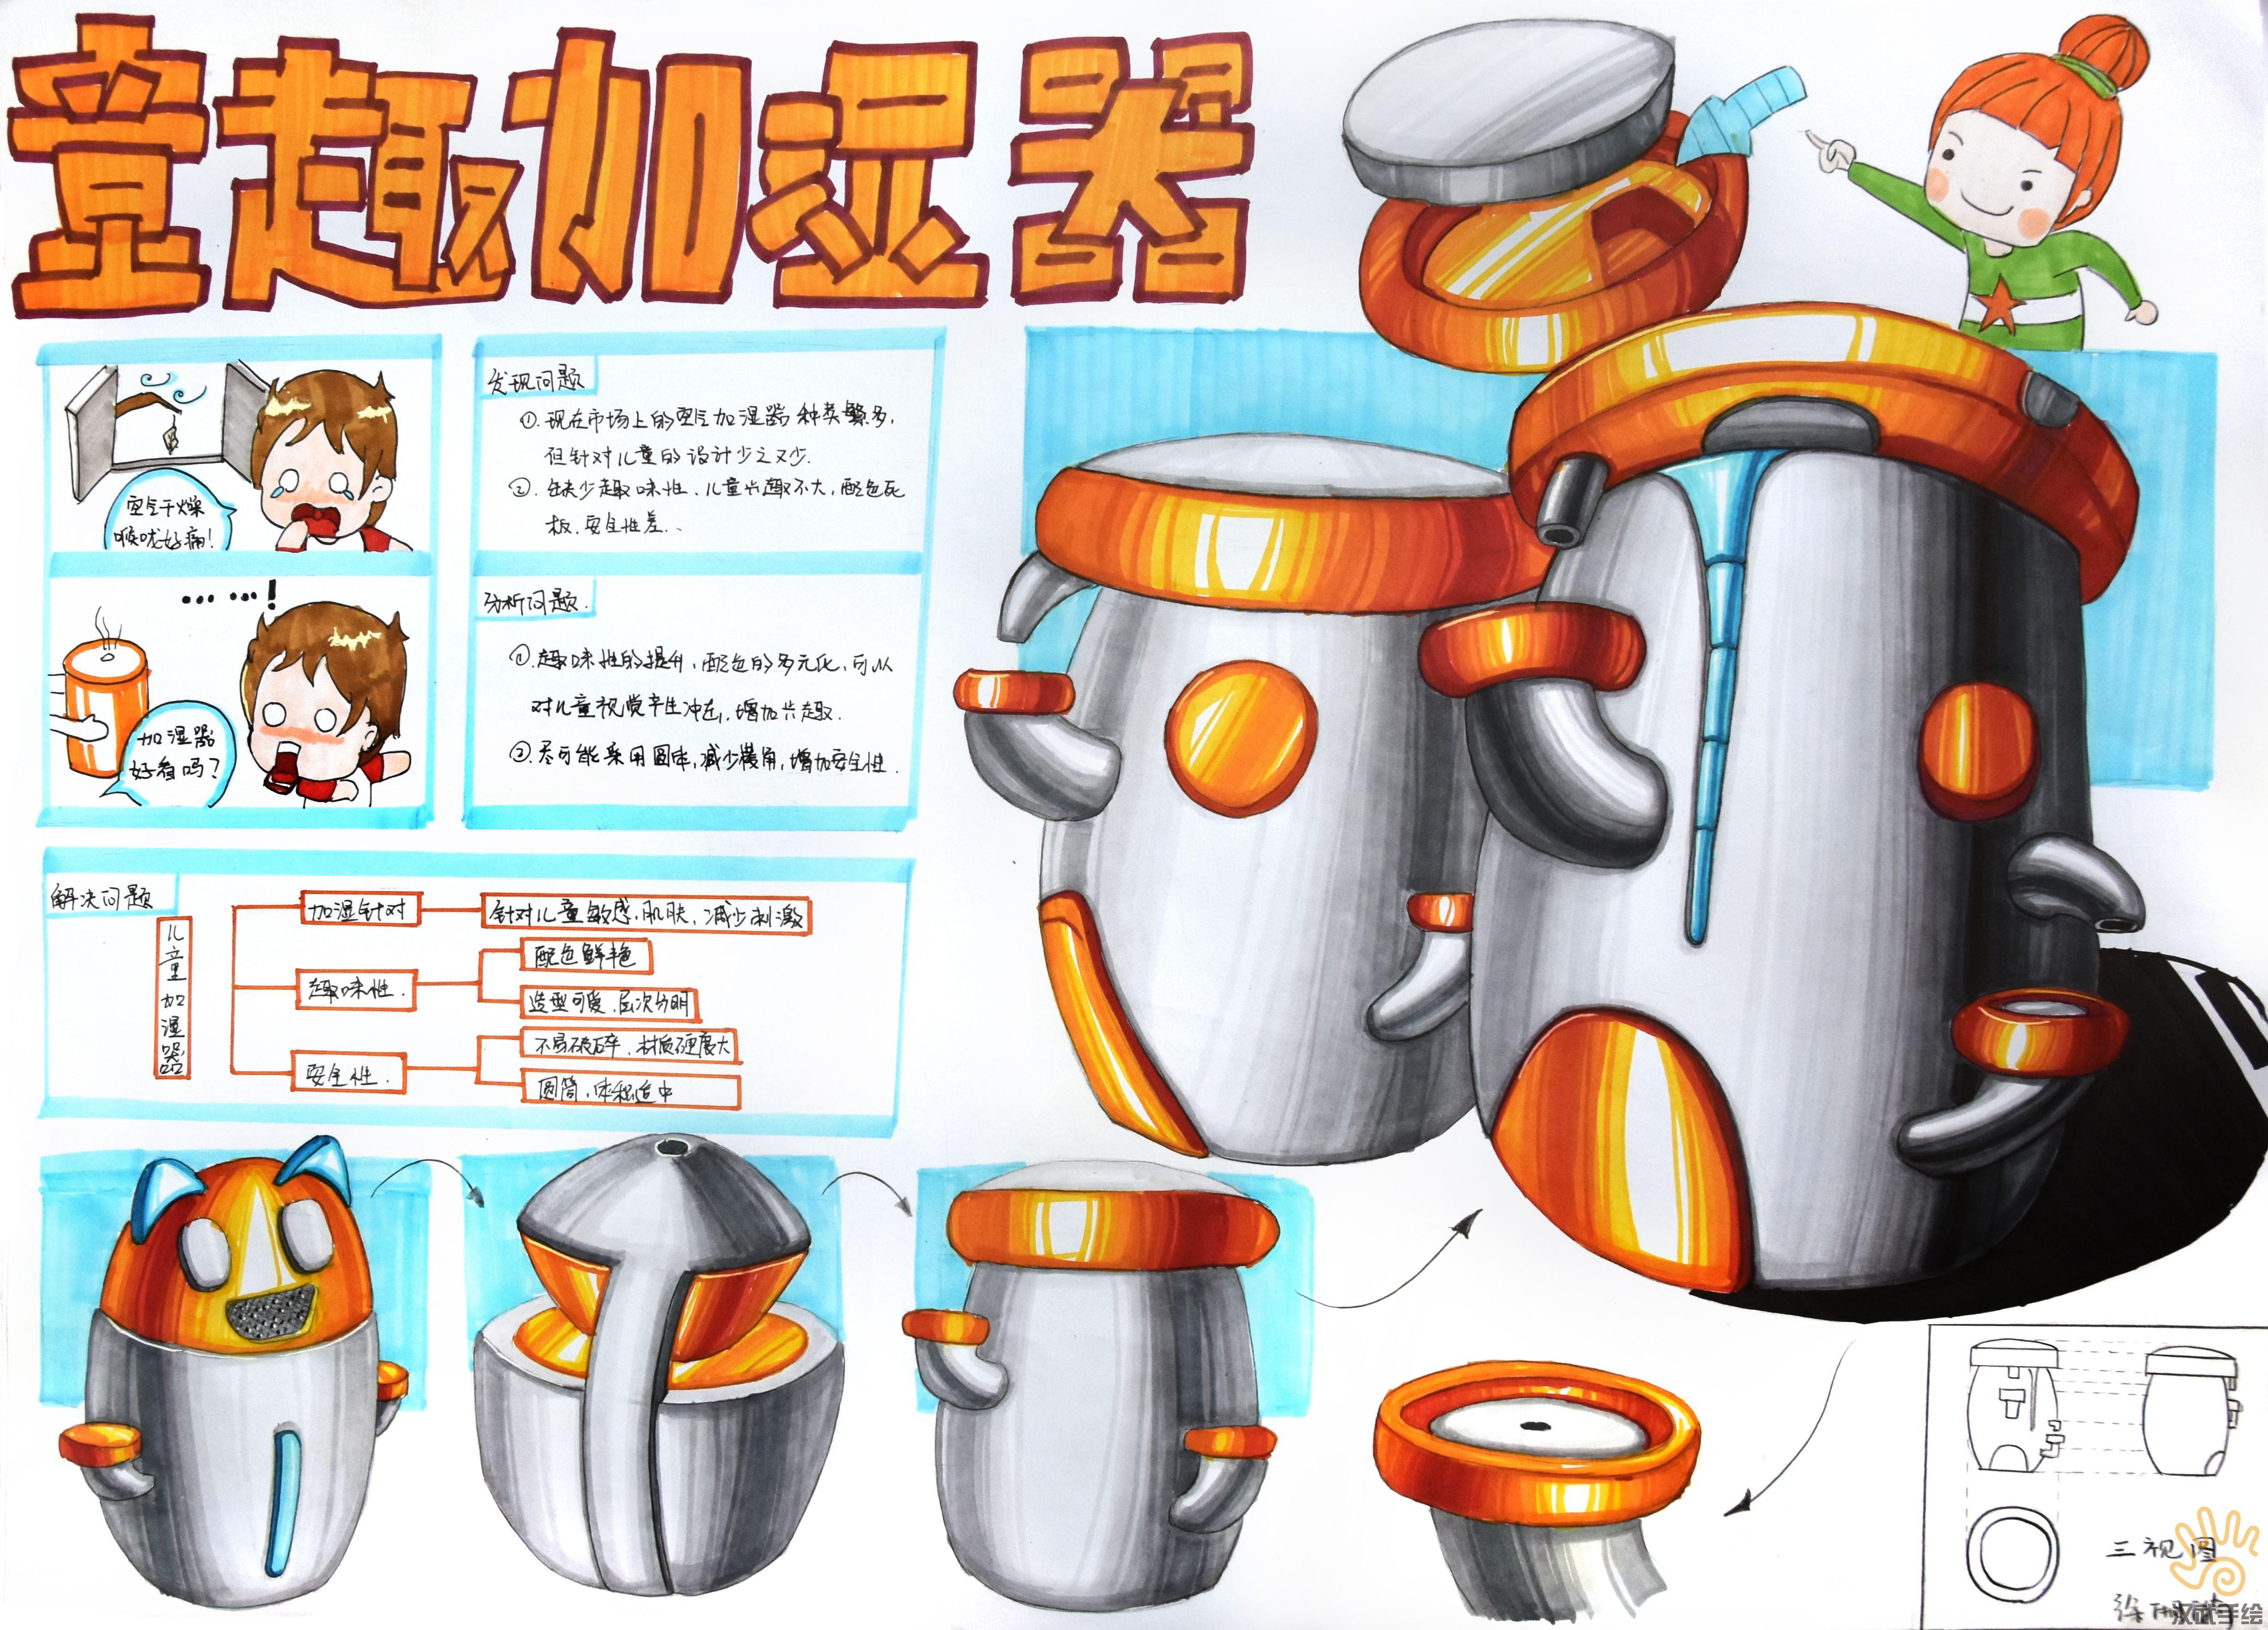 工业设计产品设计手绘作品意趣加湿器手绘考研快题 工业设计产品设计